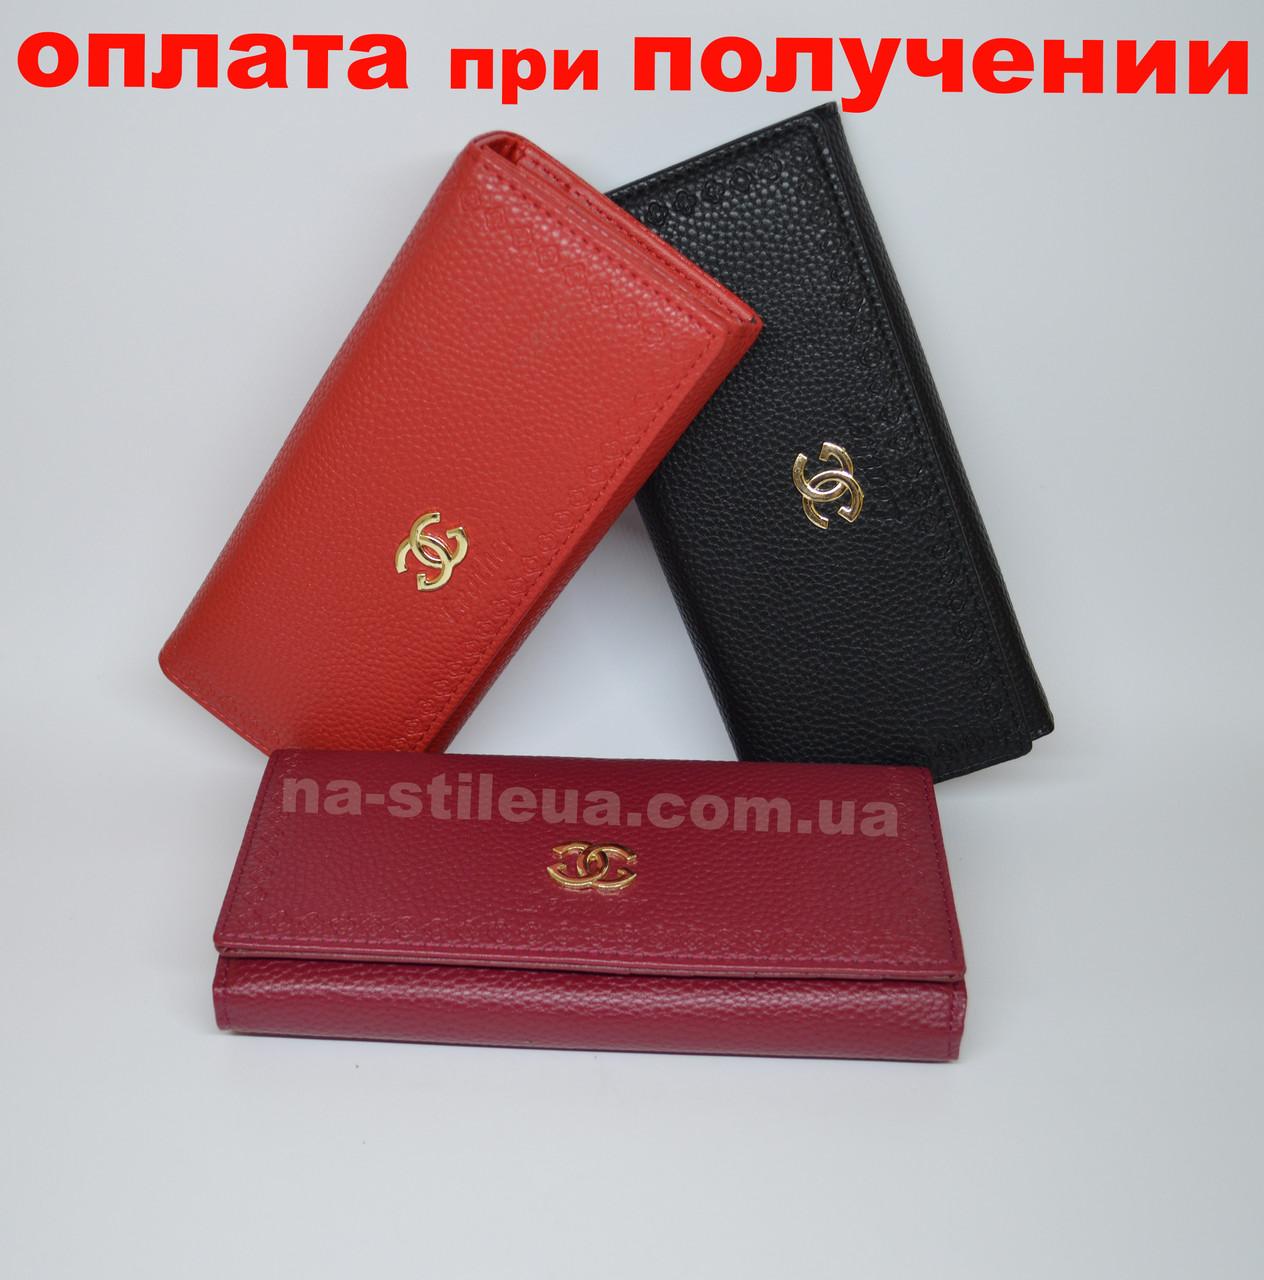 f445d5b16ac0 Женский кожаный кошелек клатч сумка гаманець шкіряний Chanel новинка